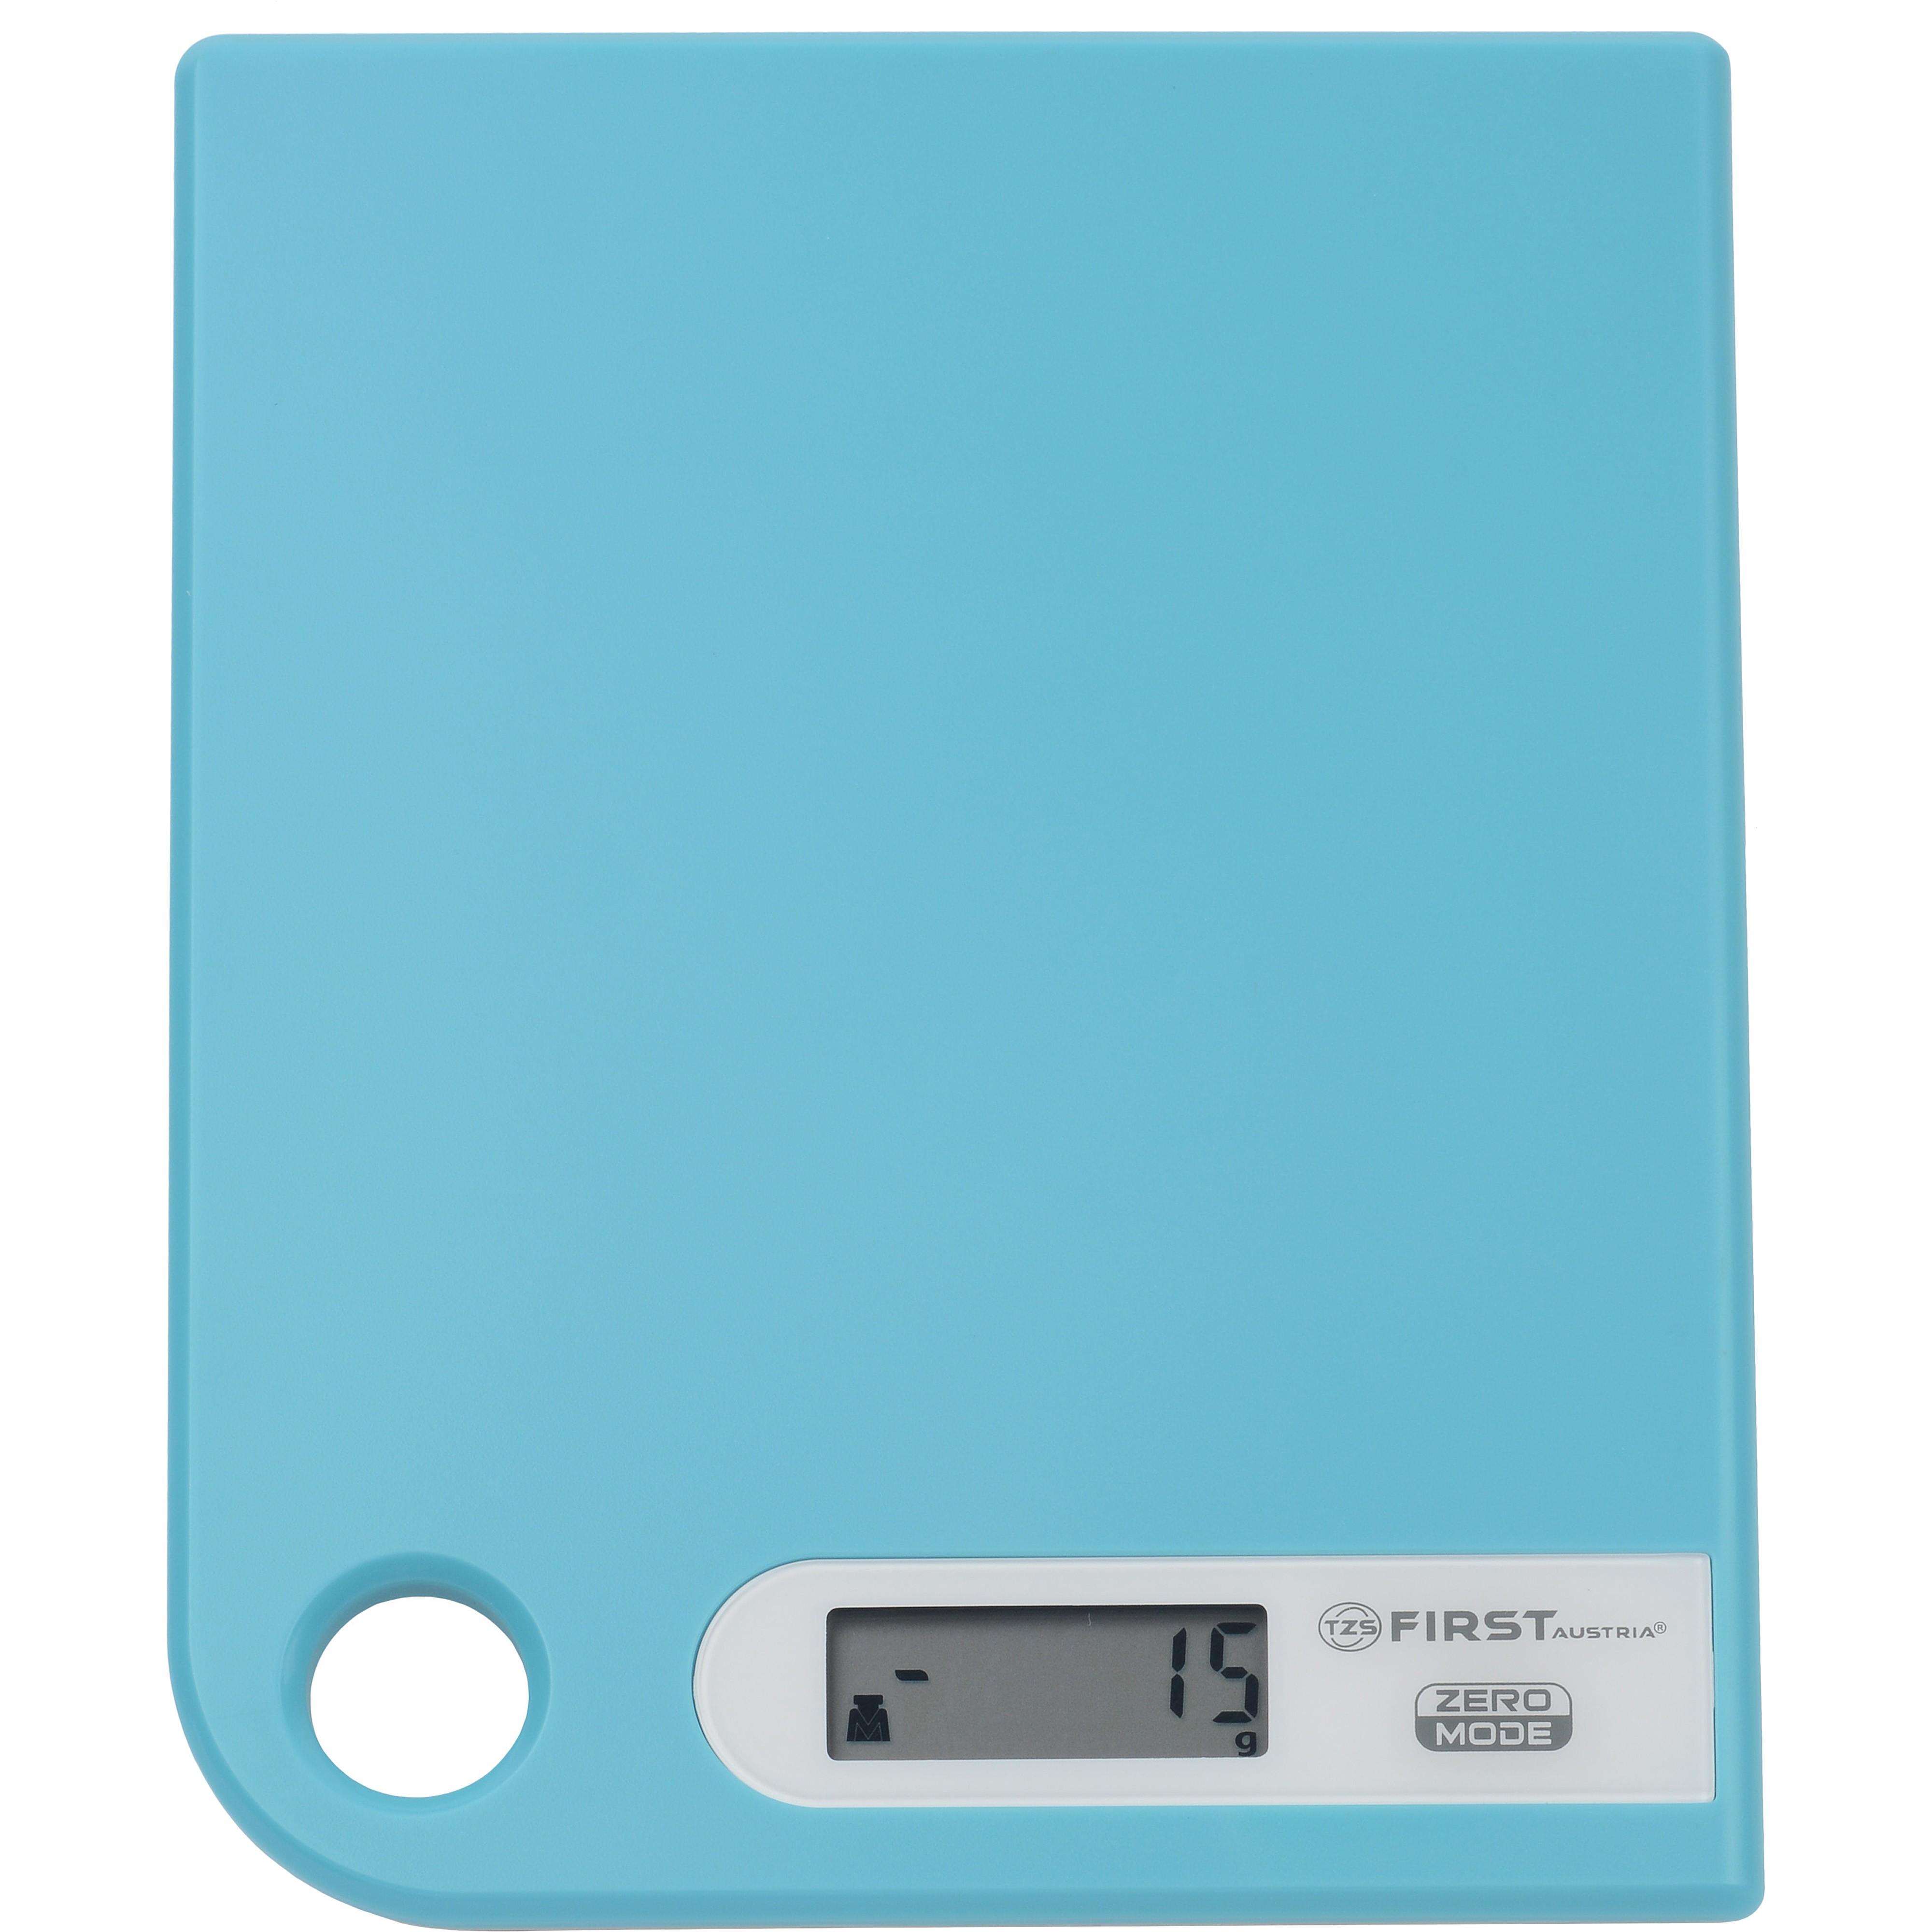 Весы кухонные FIRST 6401-1 blueКухонные весы<br>Простые и удобные для использования цифровые весы First 6401-1 с петлей для подвешивания всегда будут под рукой.<br>